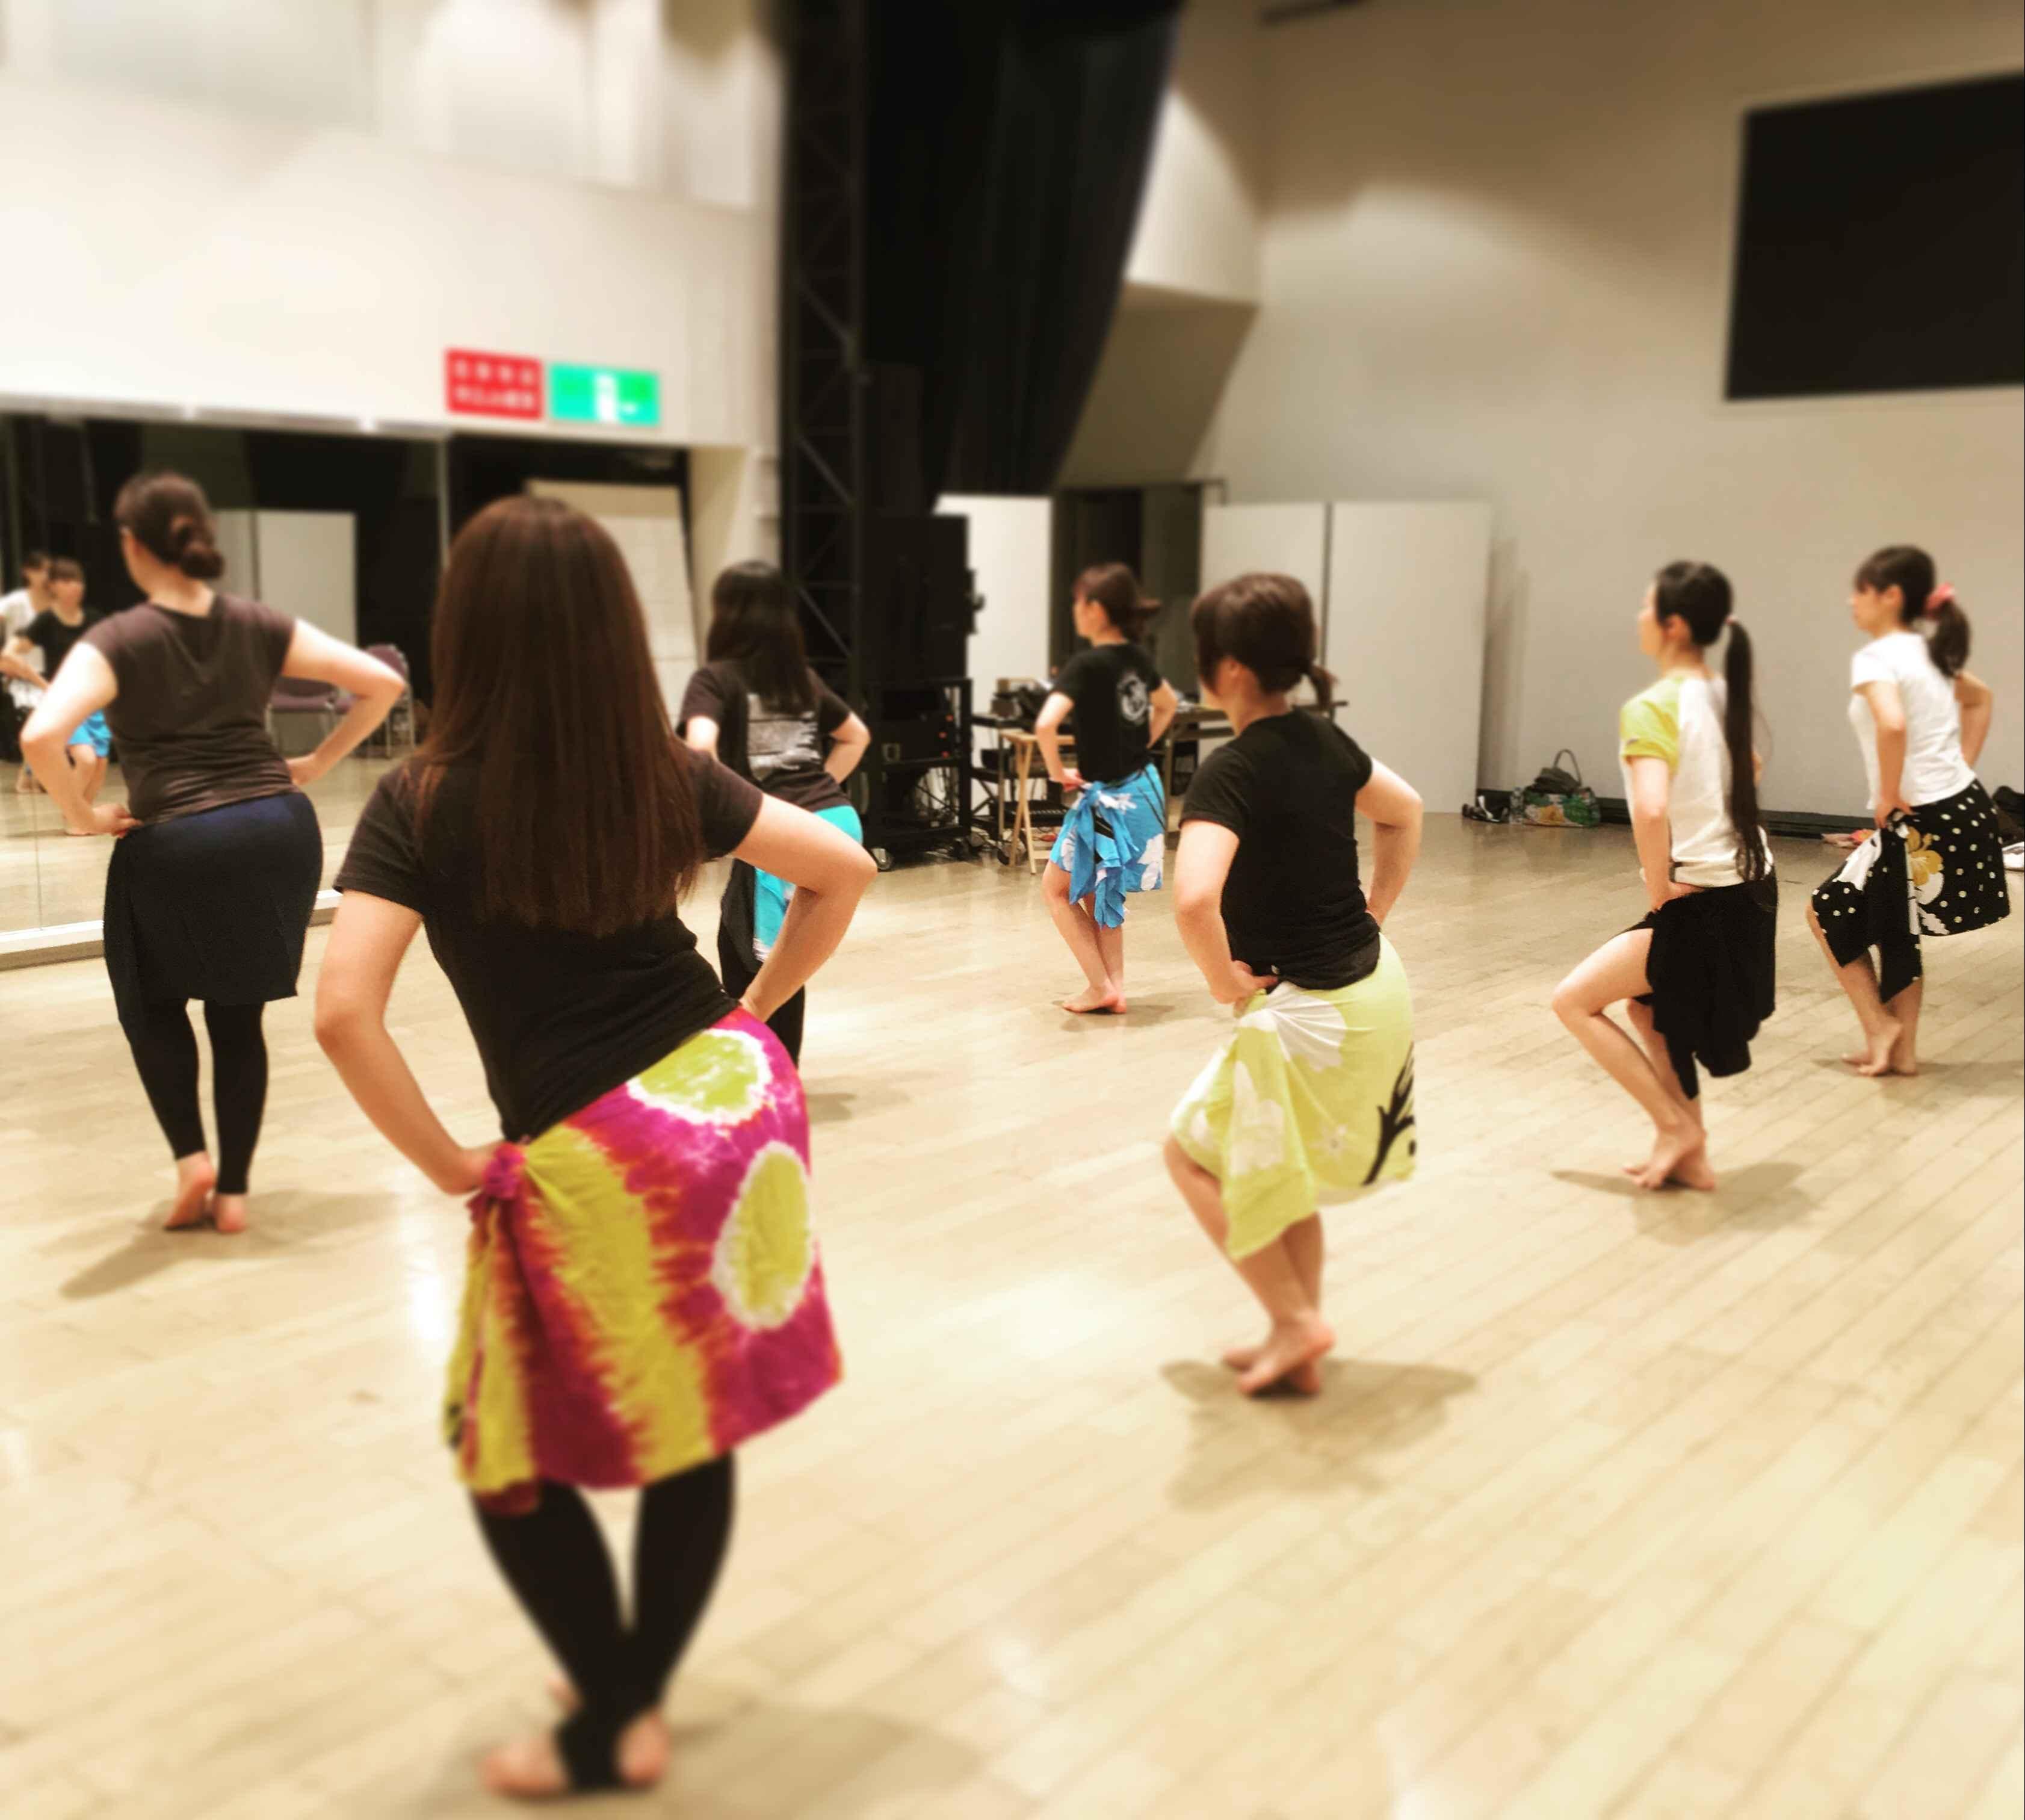 TAURUA NUI 前橋教室